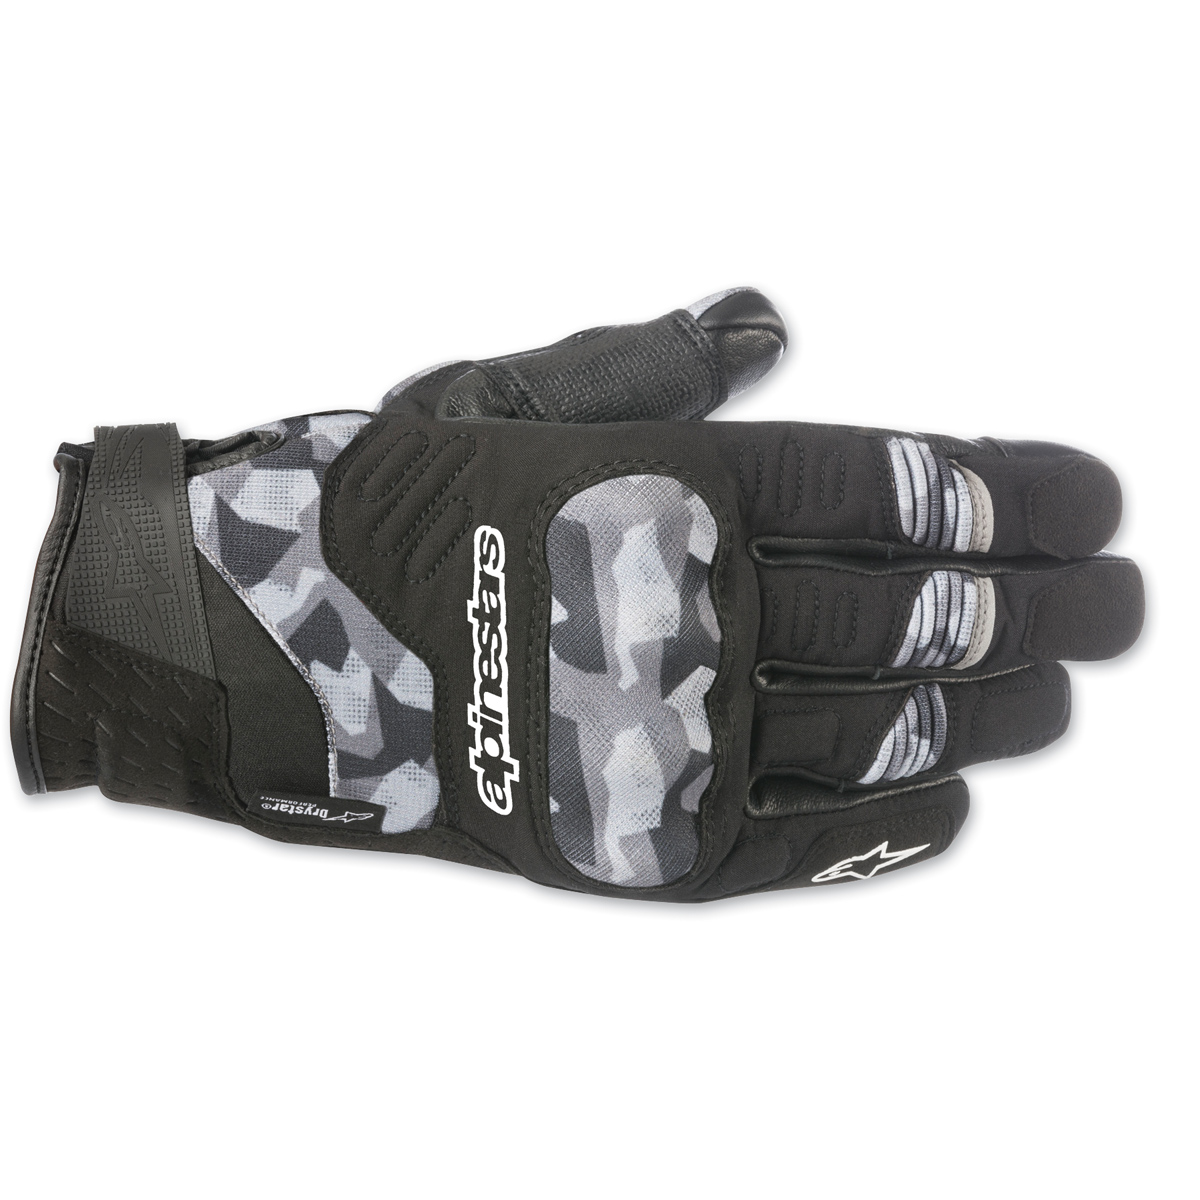 Alpinestars Men's C-30 Drystar Black/Camo Gloves